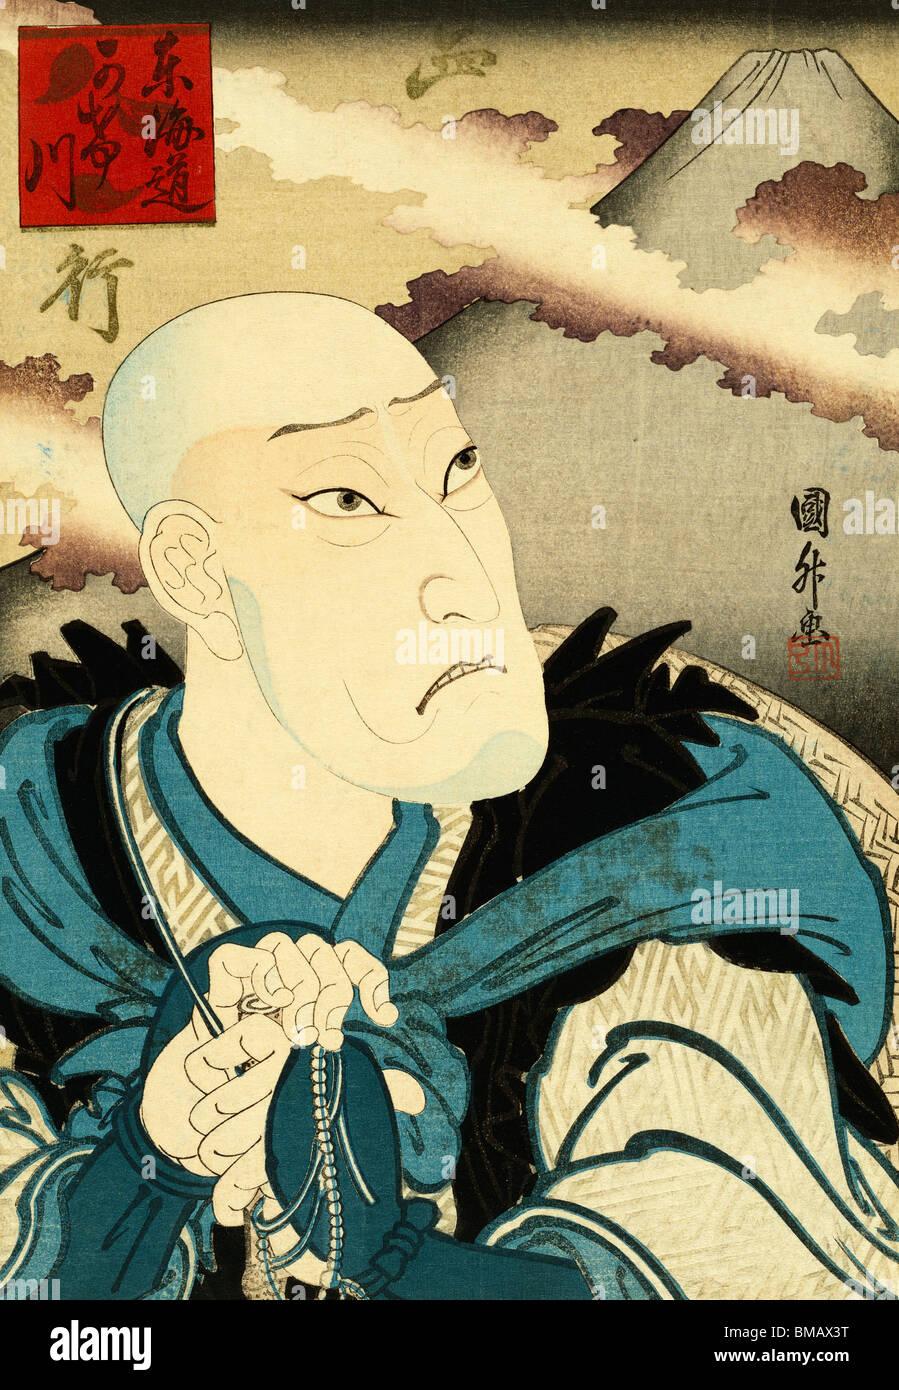 Attore come il sacerdote Saigyottoshi, da Utagawa Kunimasa. Giappone, xx secolo Immagini Stock